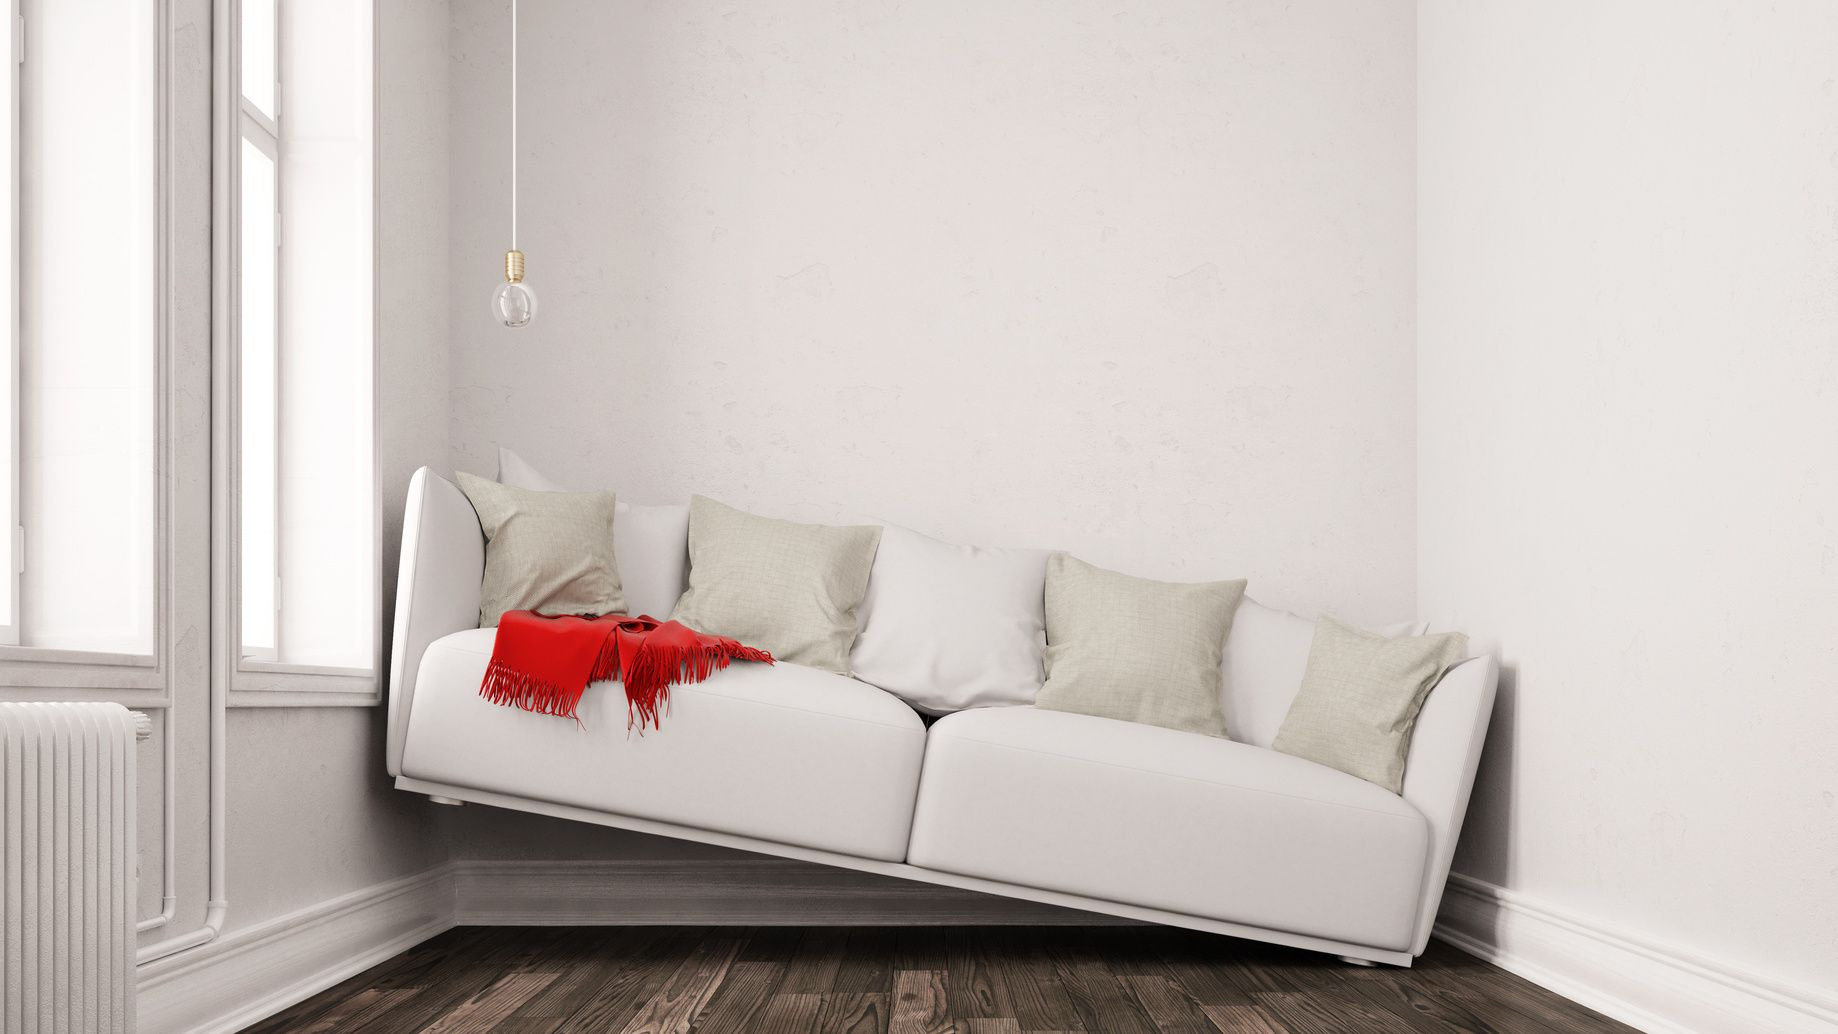 Wohnzimmer Einrichten Ideen Klein